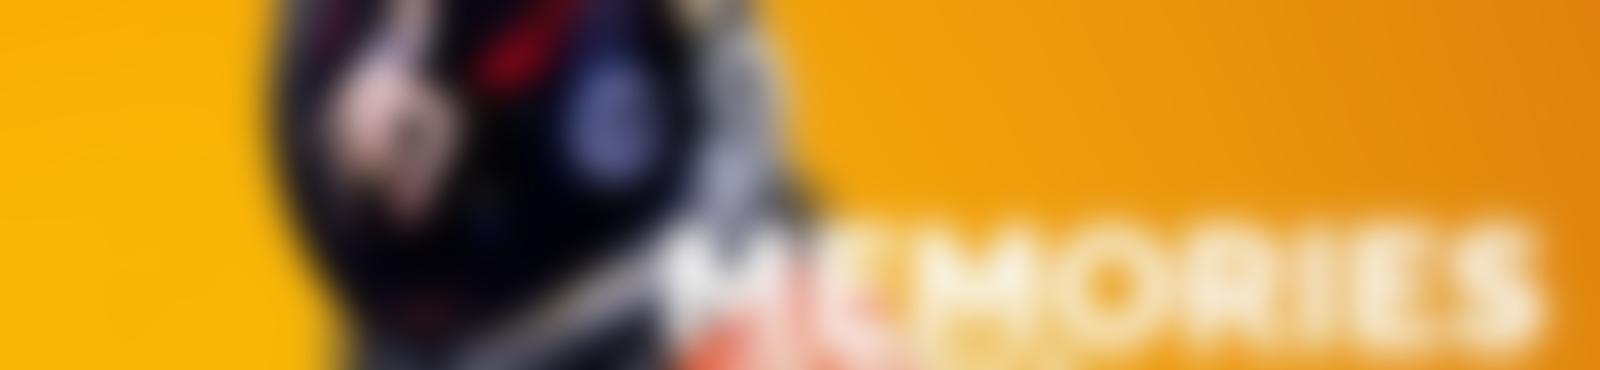 Blurred e55a2f1c 67b0 4684 a080 0c5bbf52c093